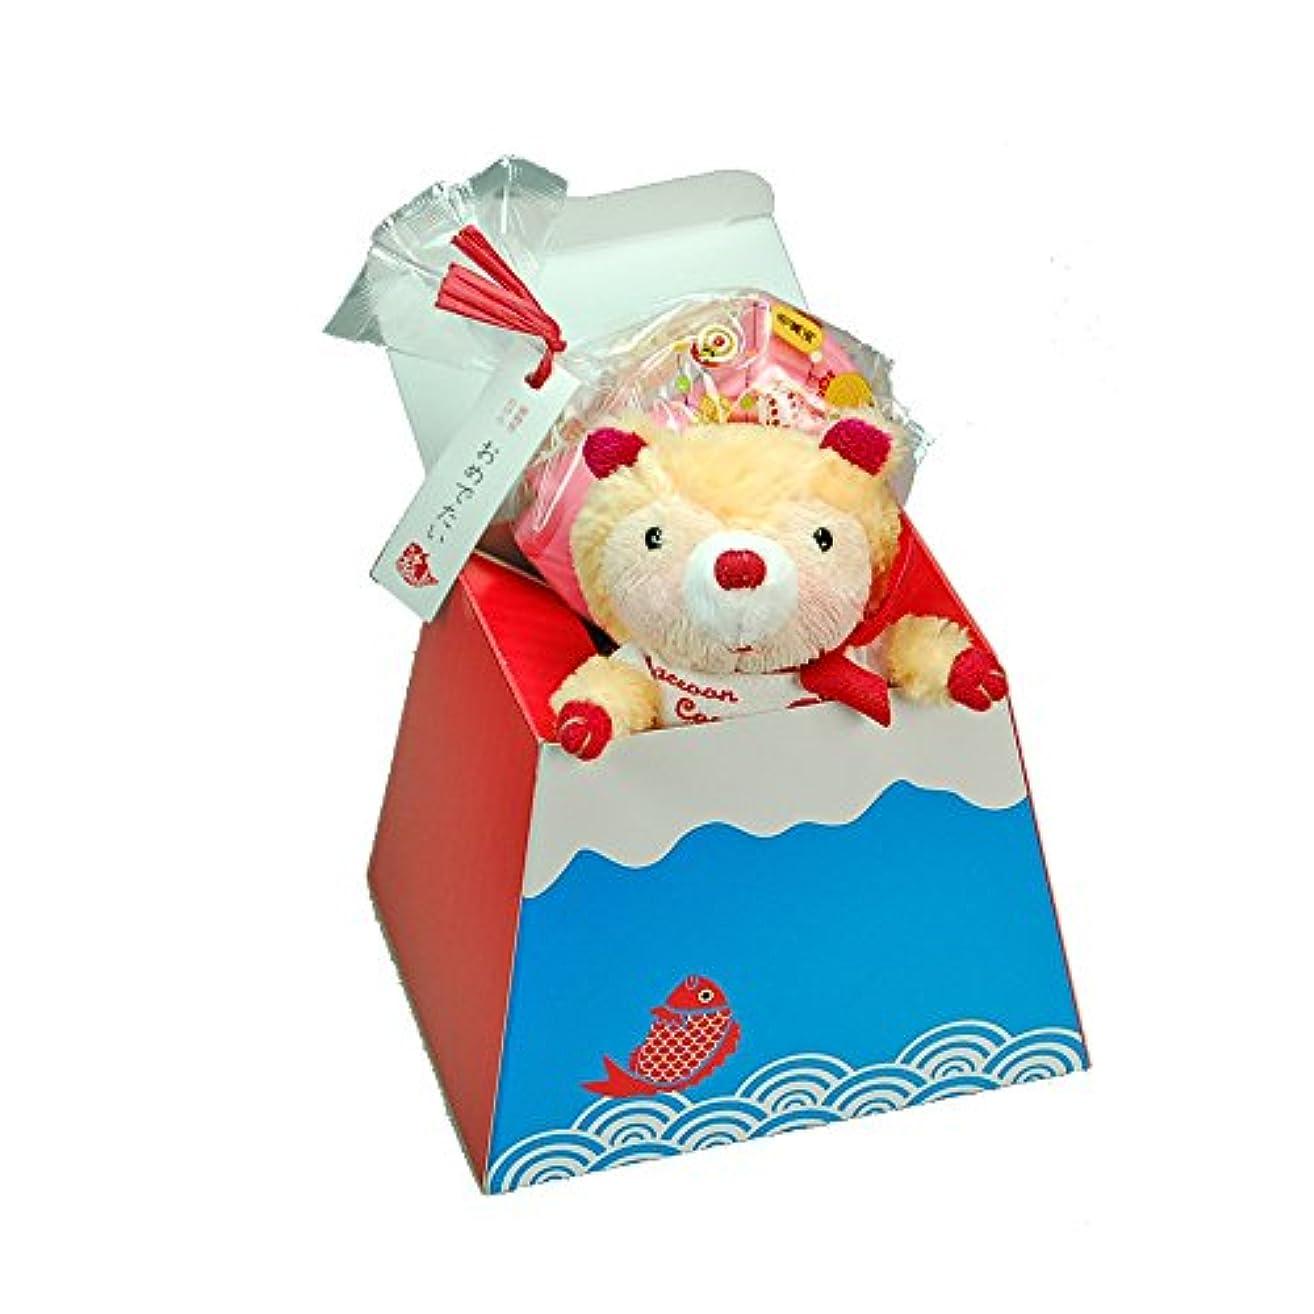 確立します足迷惑プチギフト リトルマスコット 鯛 石けん 富士山ラッピング付き 誕生日プレゼント お祝い 入学 卒業  (リトルセット)